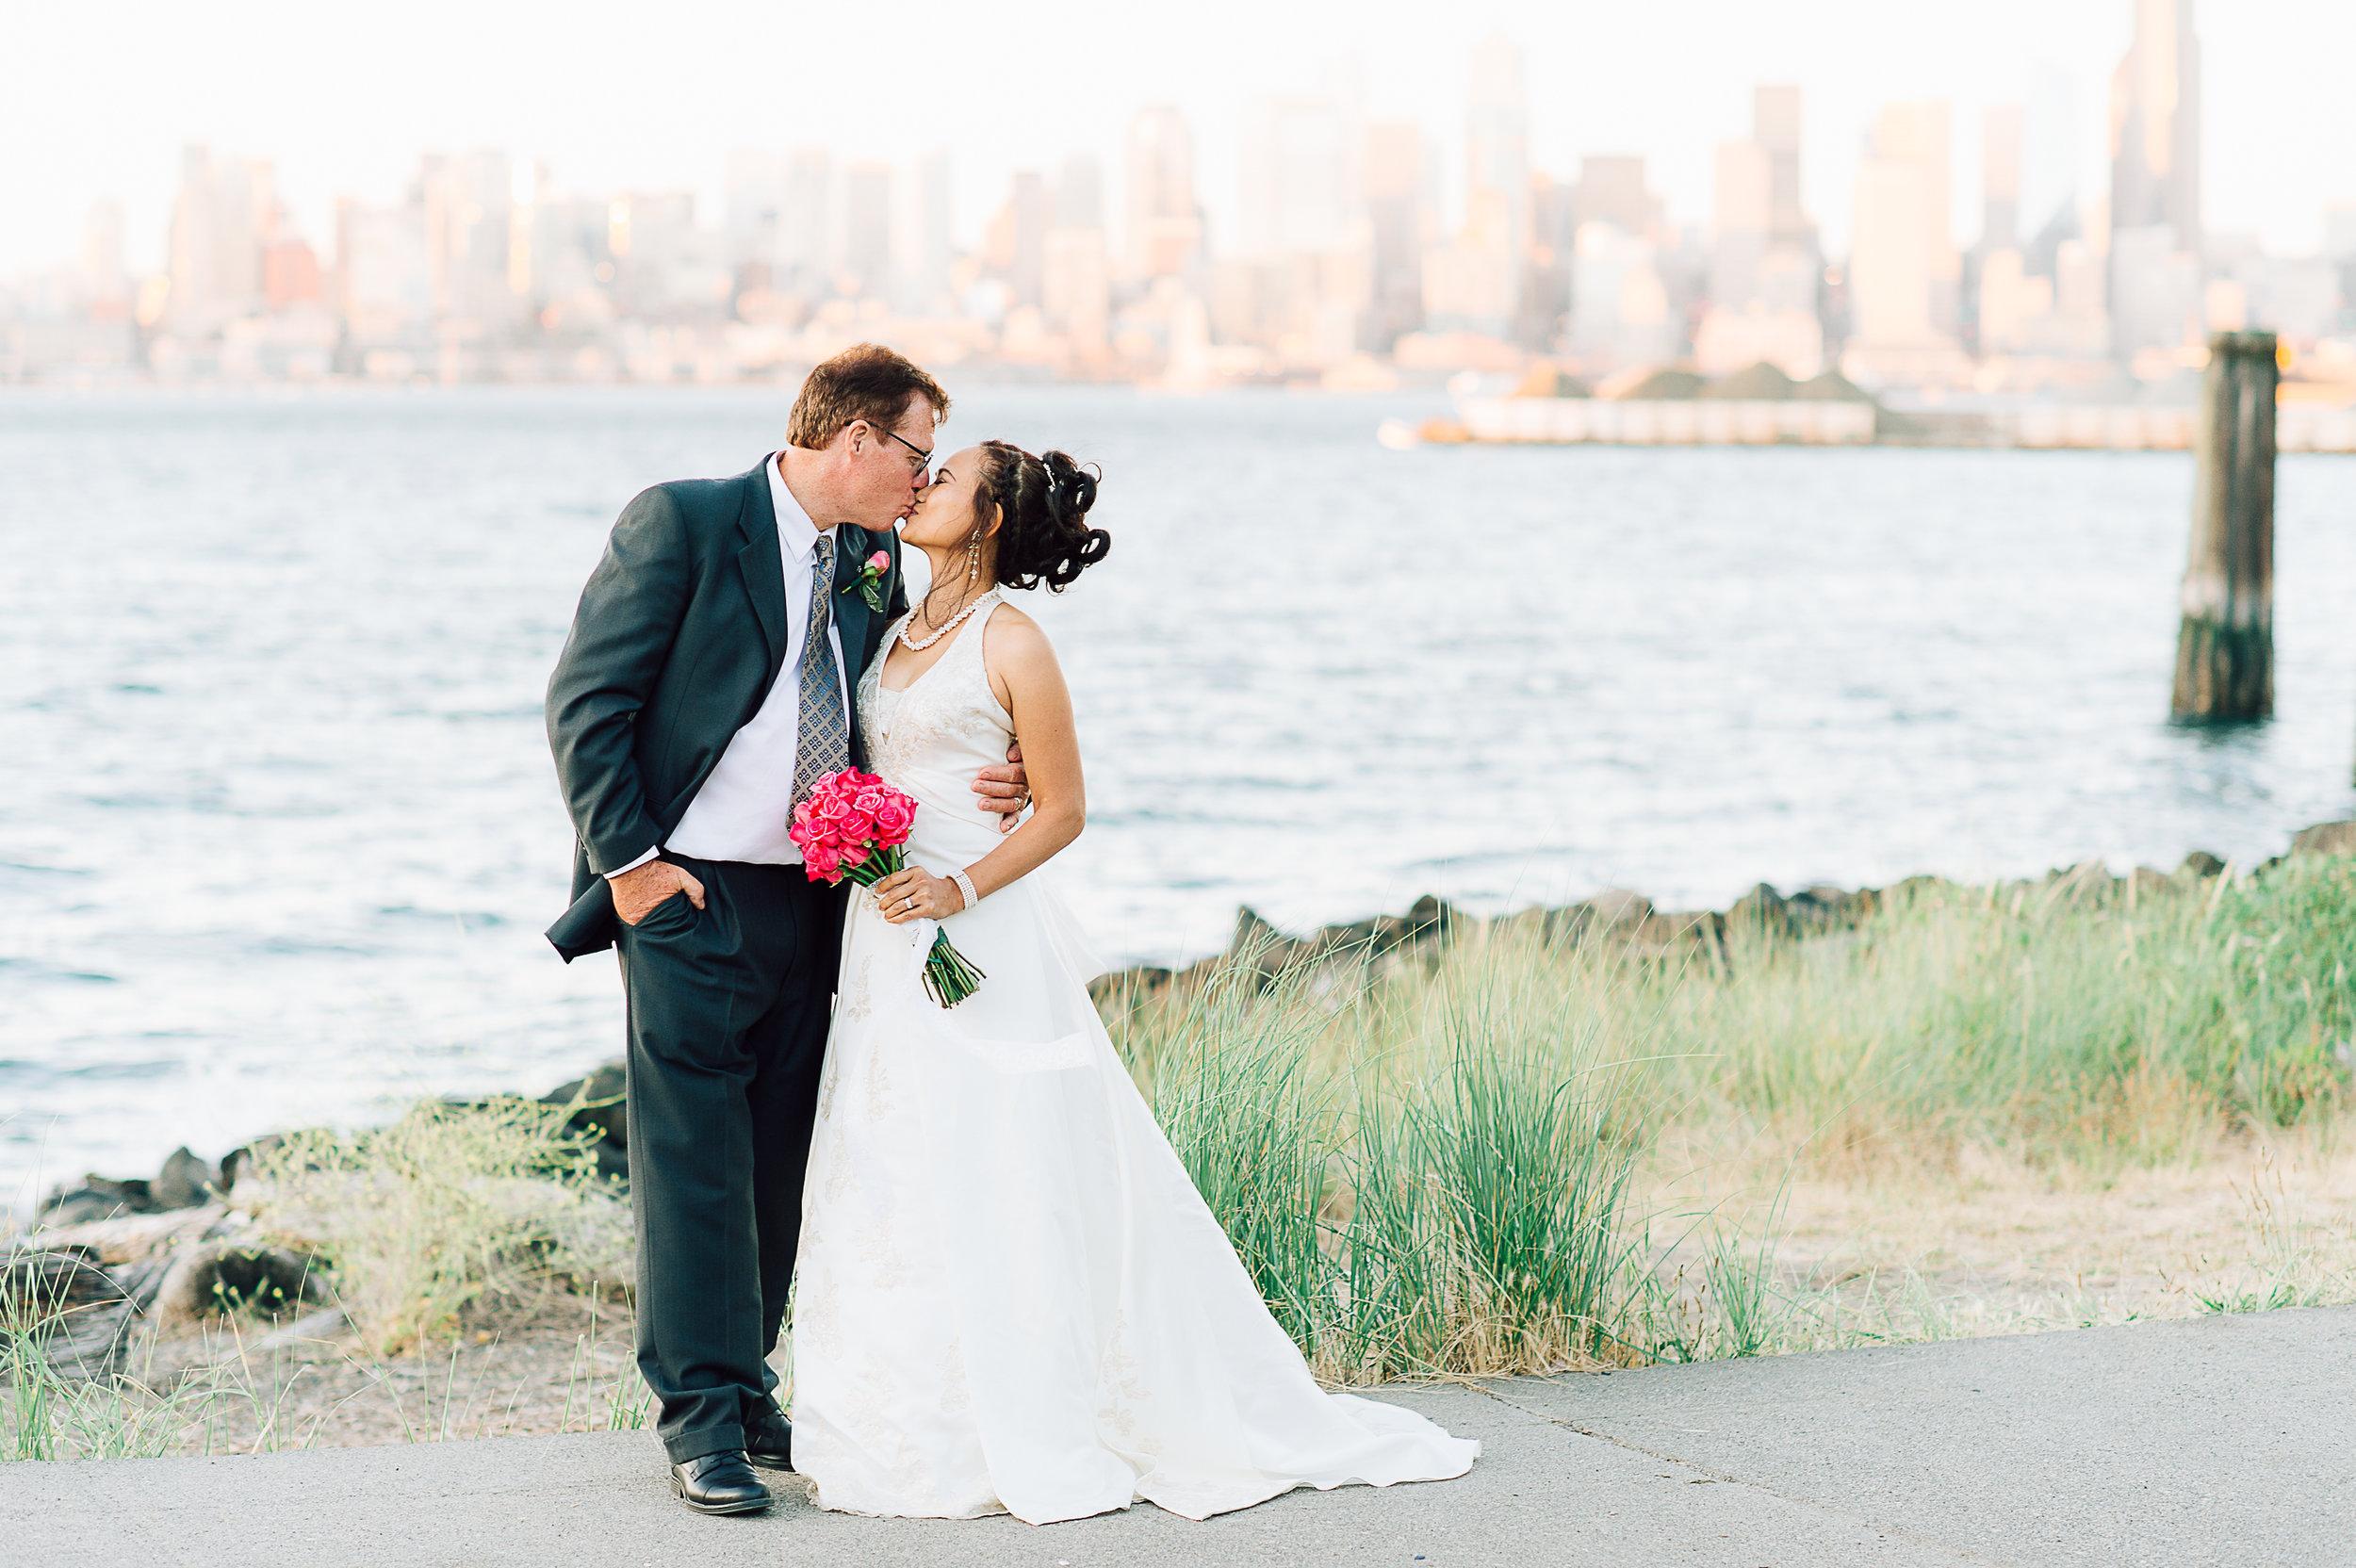 destinationwedding_Seattle_virginiaphotographer_youseephotography_LidiaOtto (666).jpg